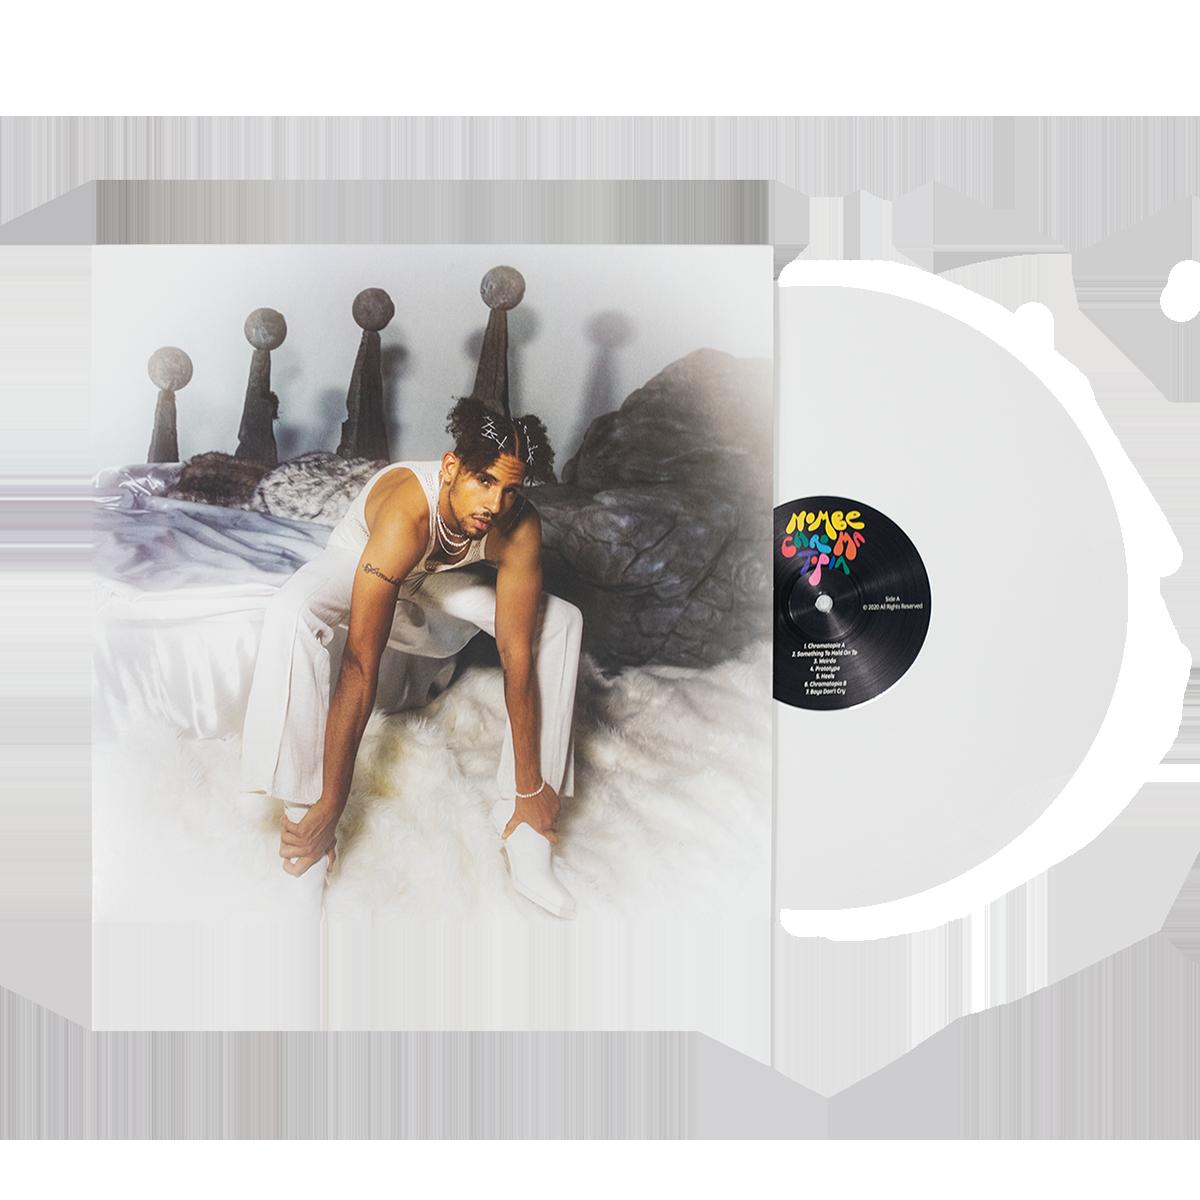 Signed Chromatopia Vinyl